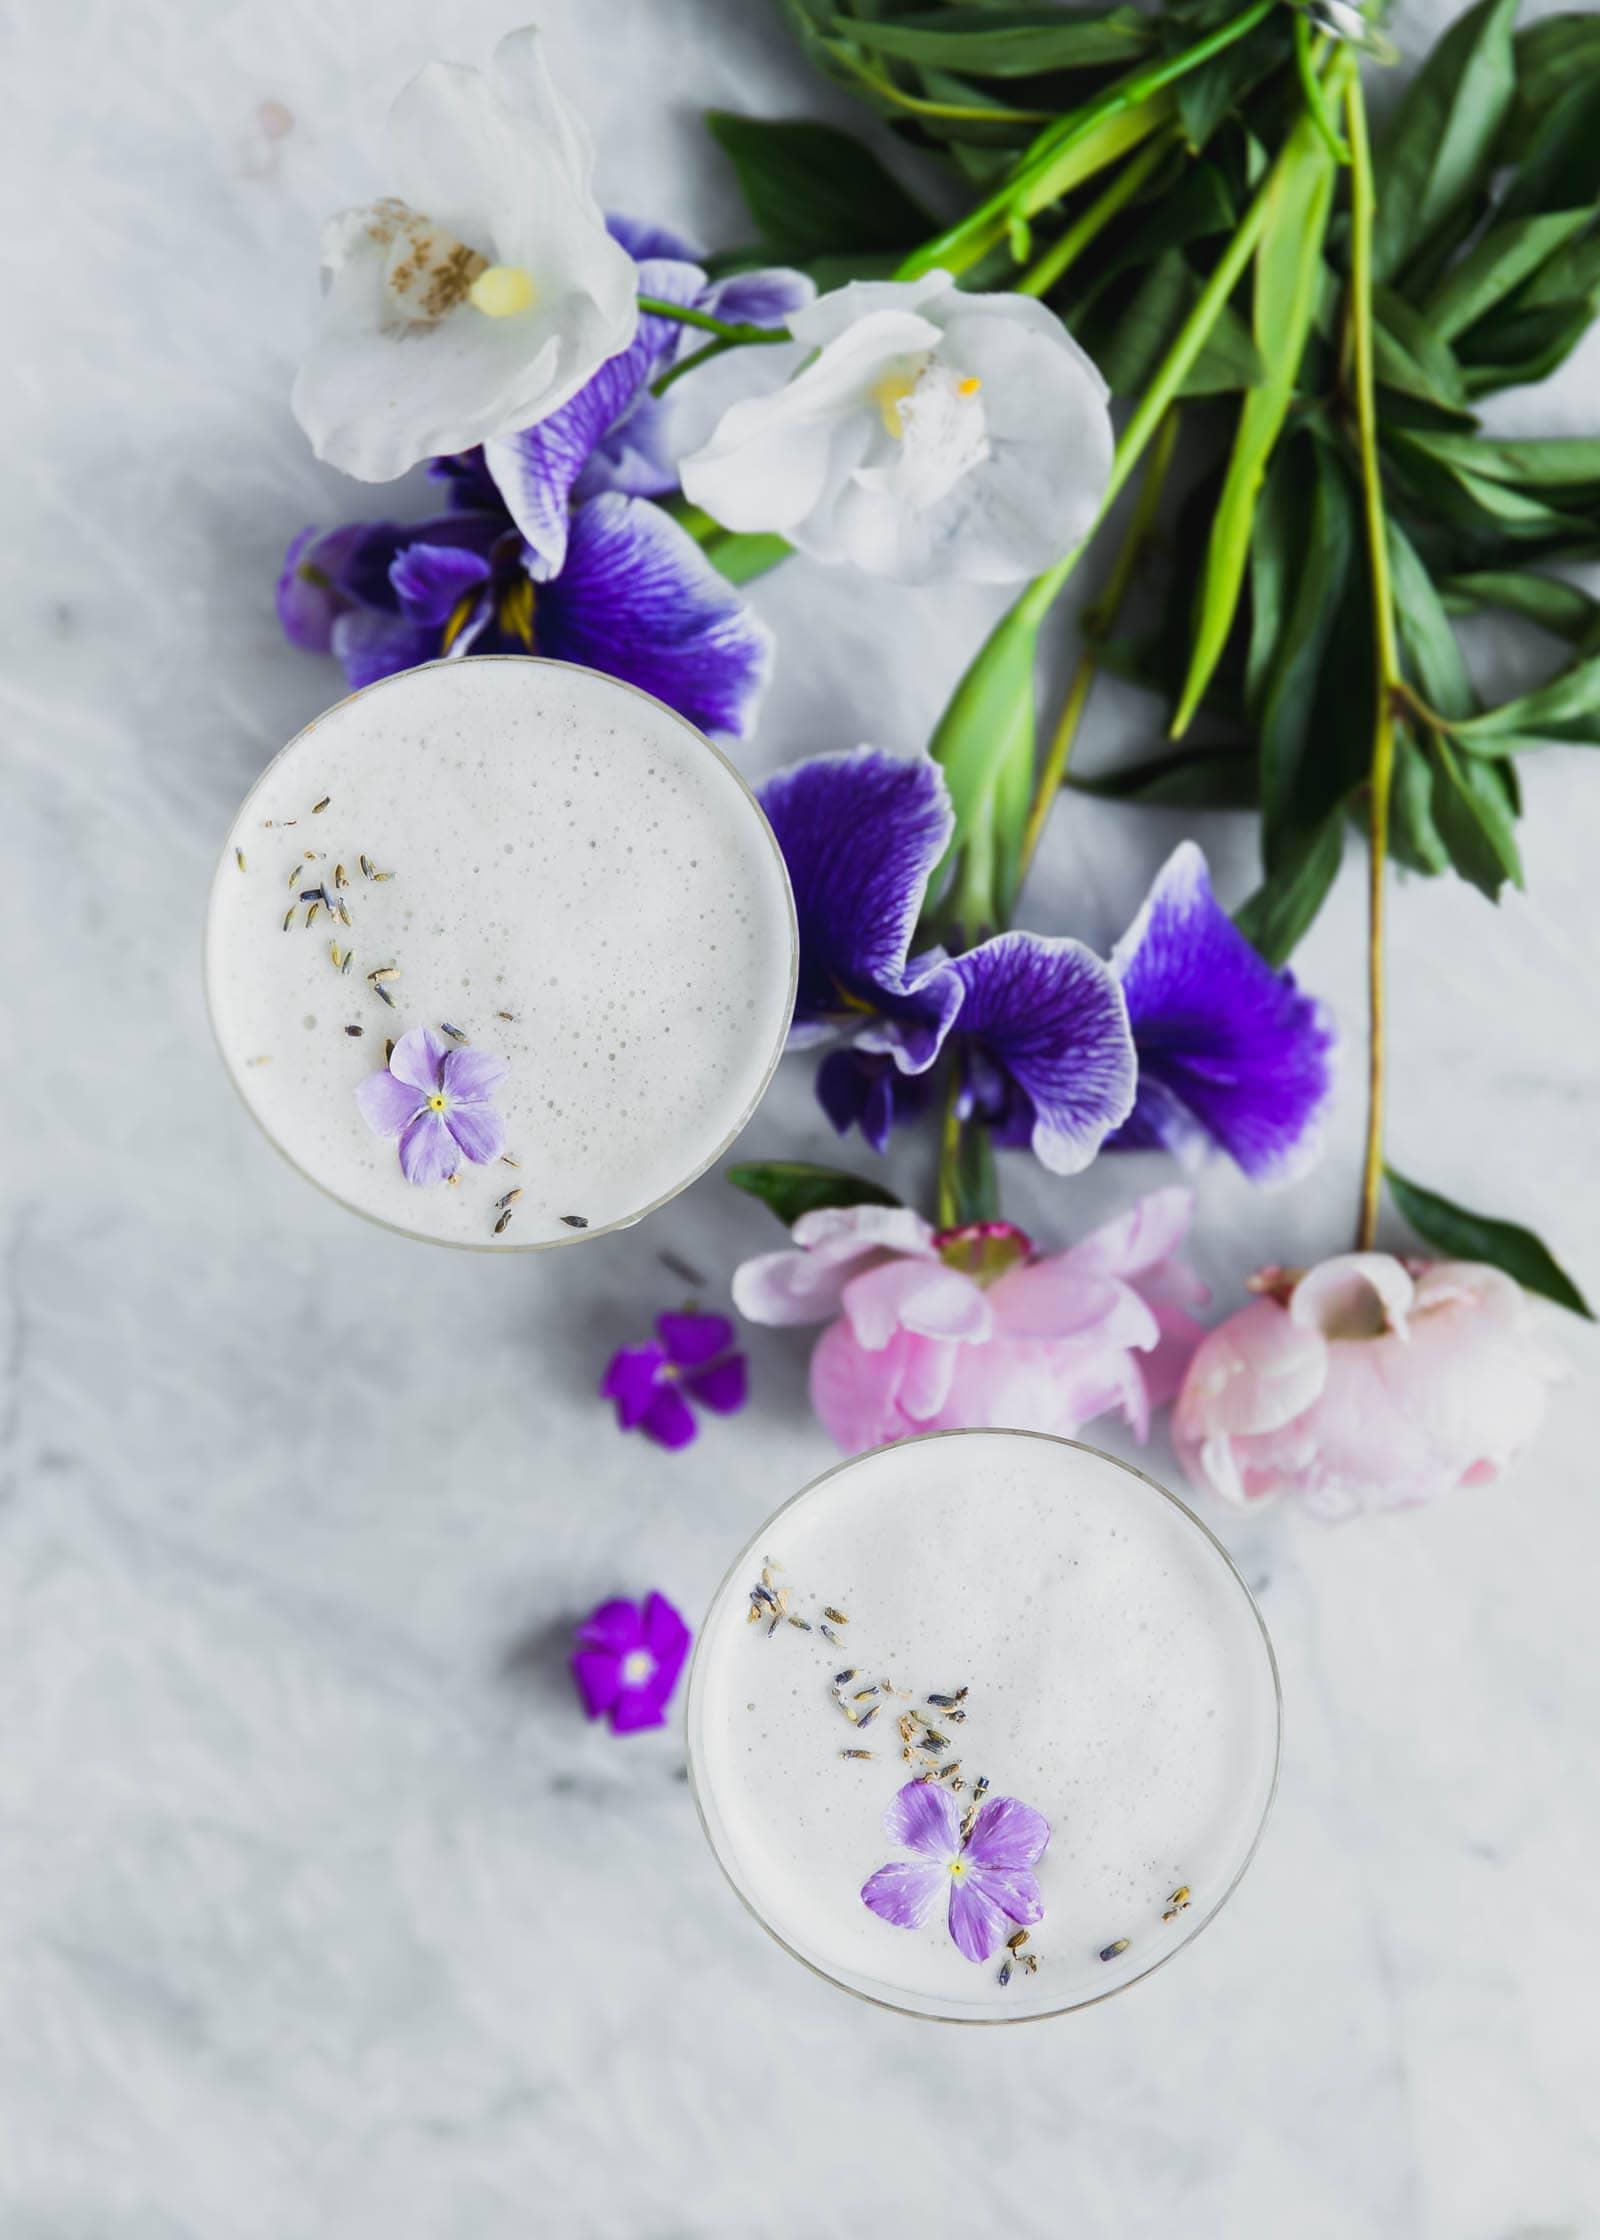 Lavender Coconut Vodka Sours next to a bouquet